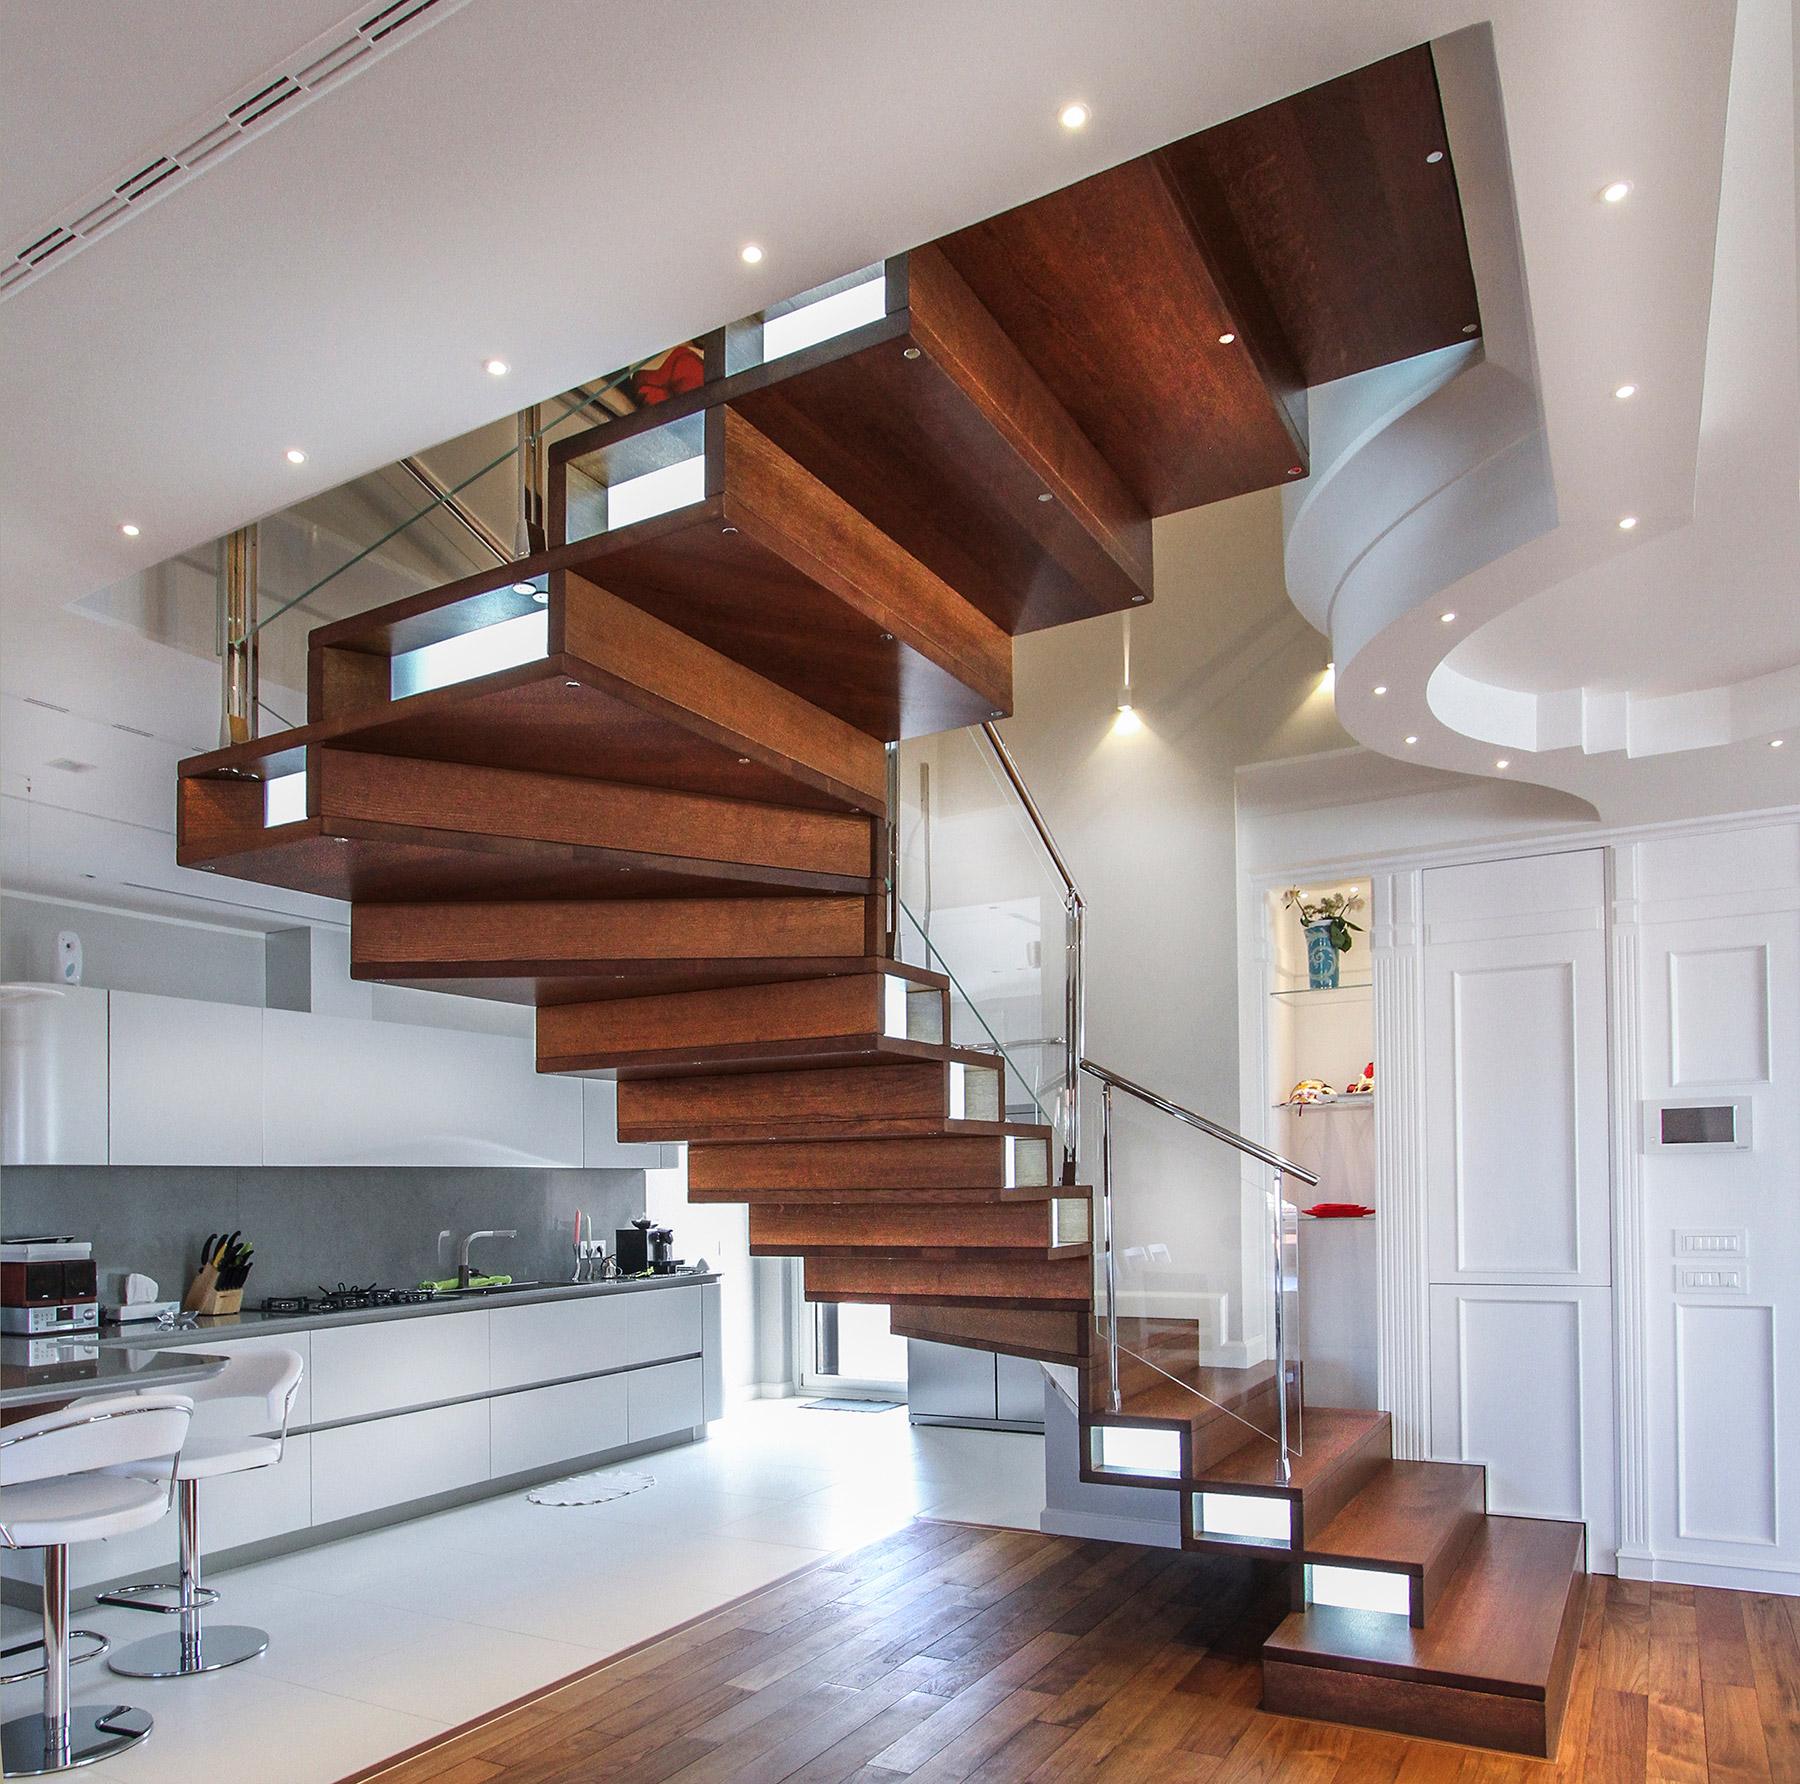 Huile Pour Escalier Hetre escalier compon fermé en bois - marretti scale